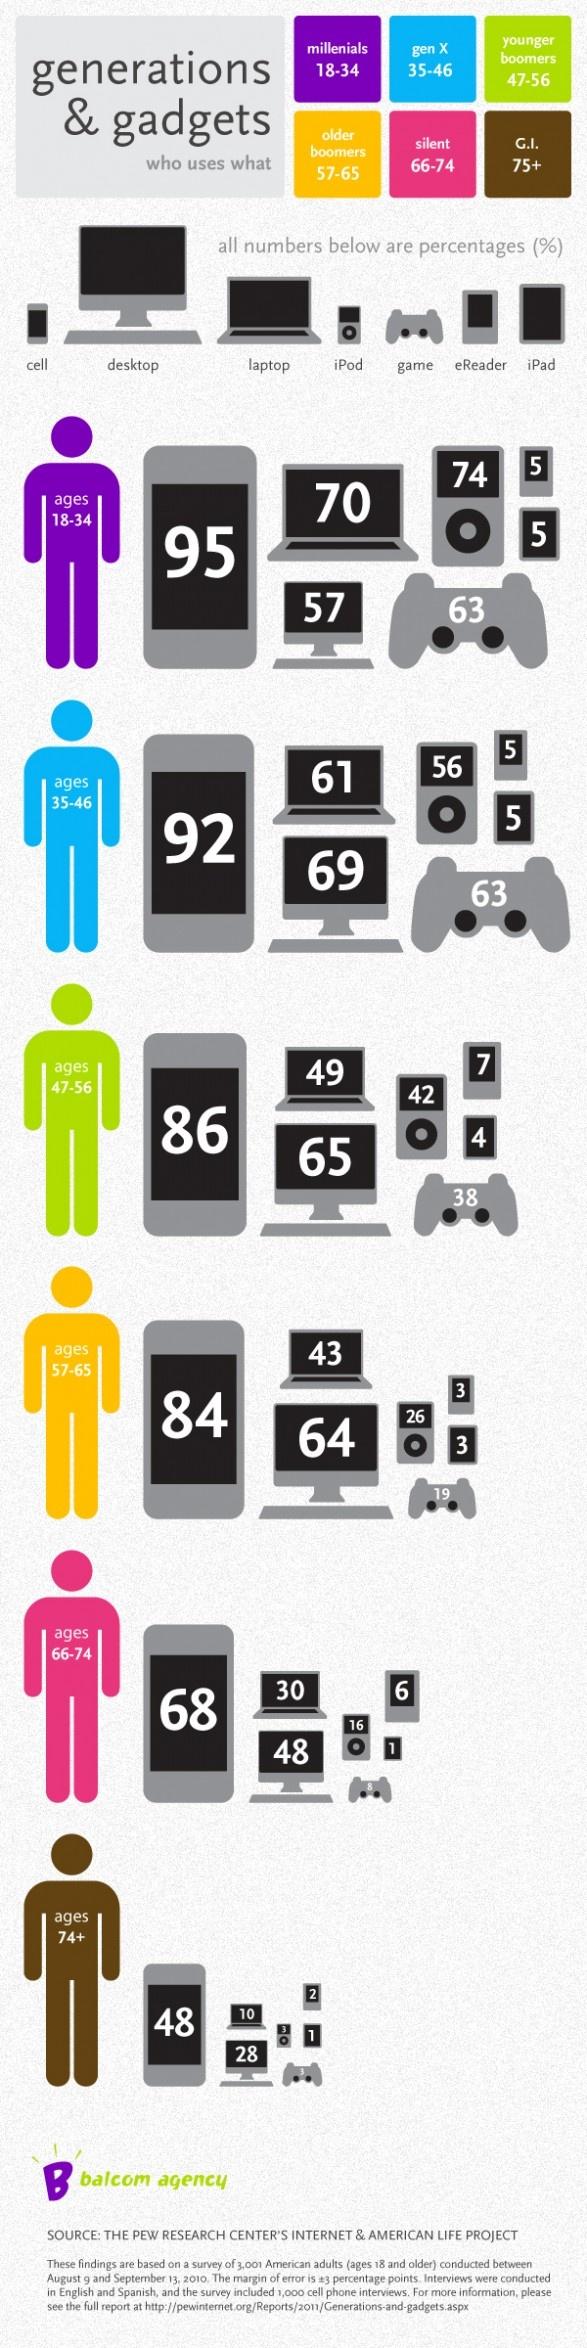 Consumo de Gadgets de acuerdo a la edad #MuyInteresante